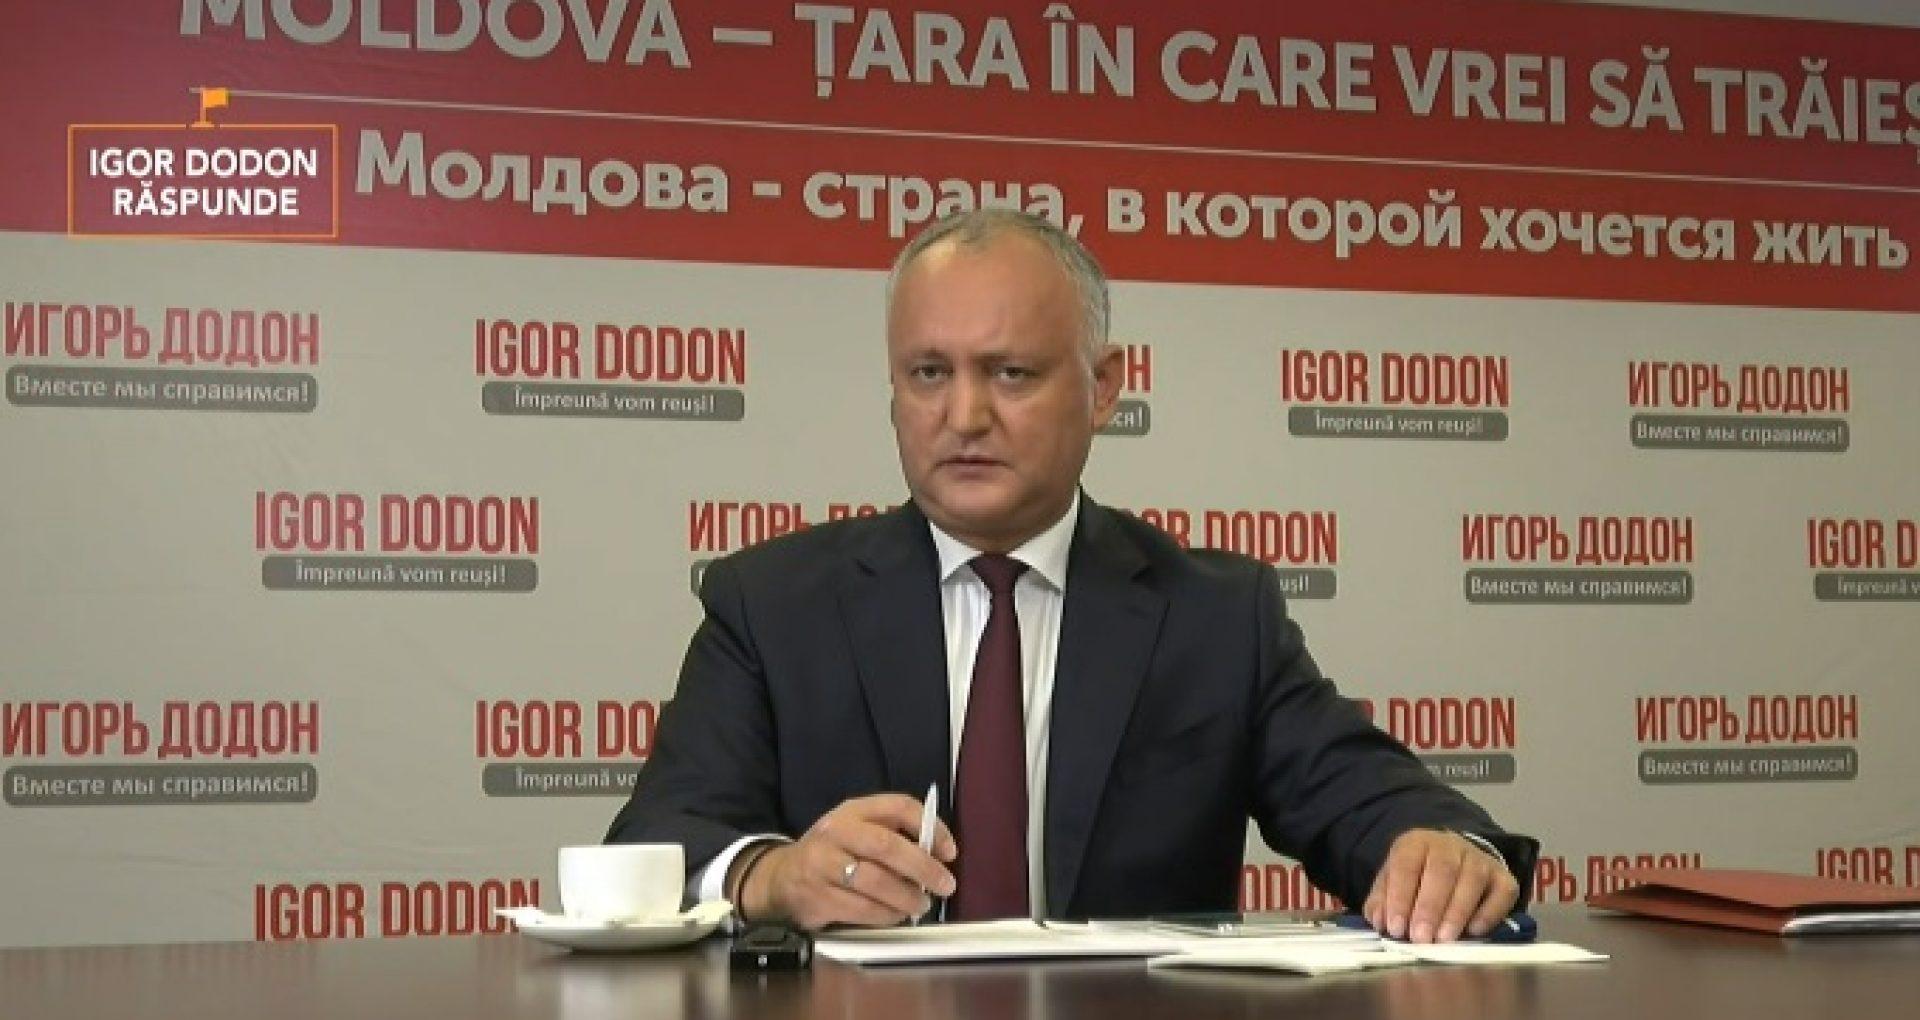 Ce spune Igor Dodon despre avizul negativ al CSM pe proiectul socialiștilor privind funcționarea limbilor vorbite în R. Moldova